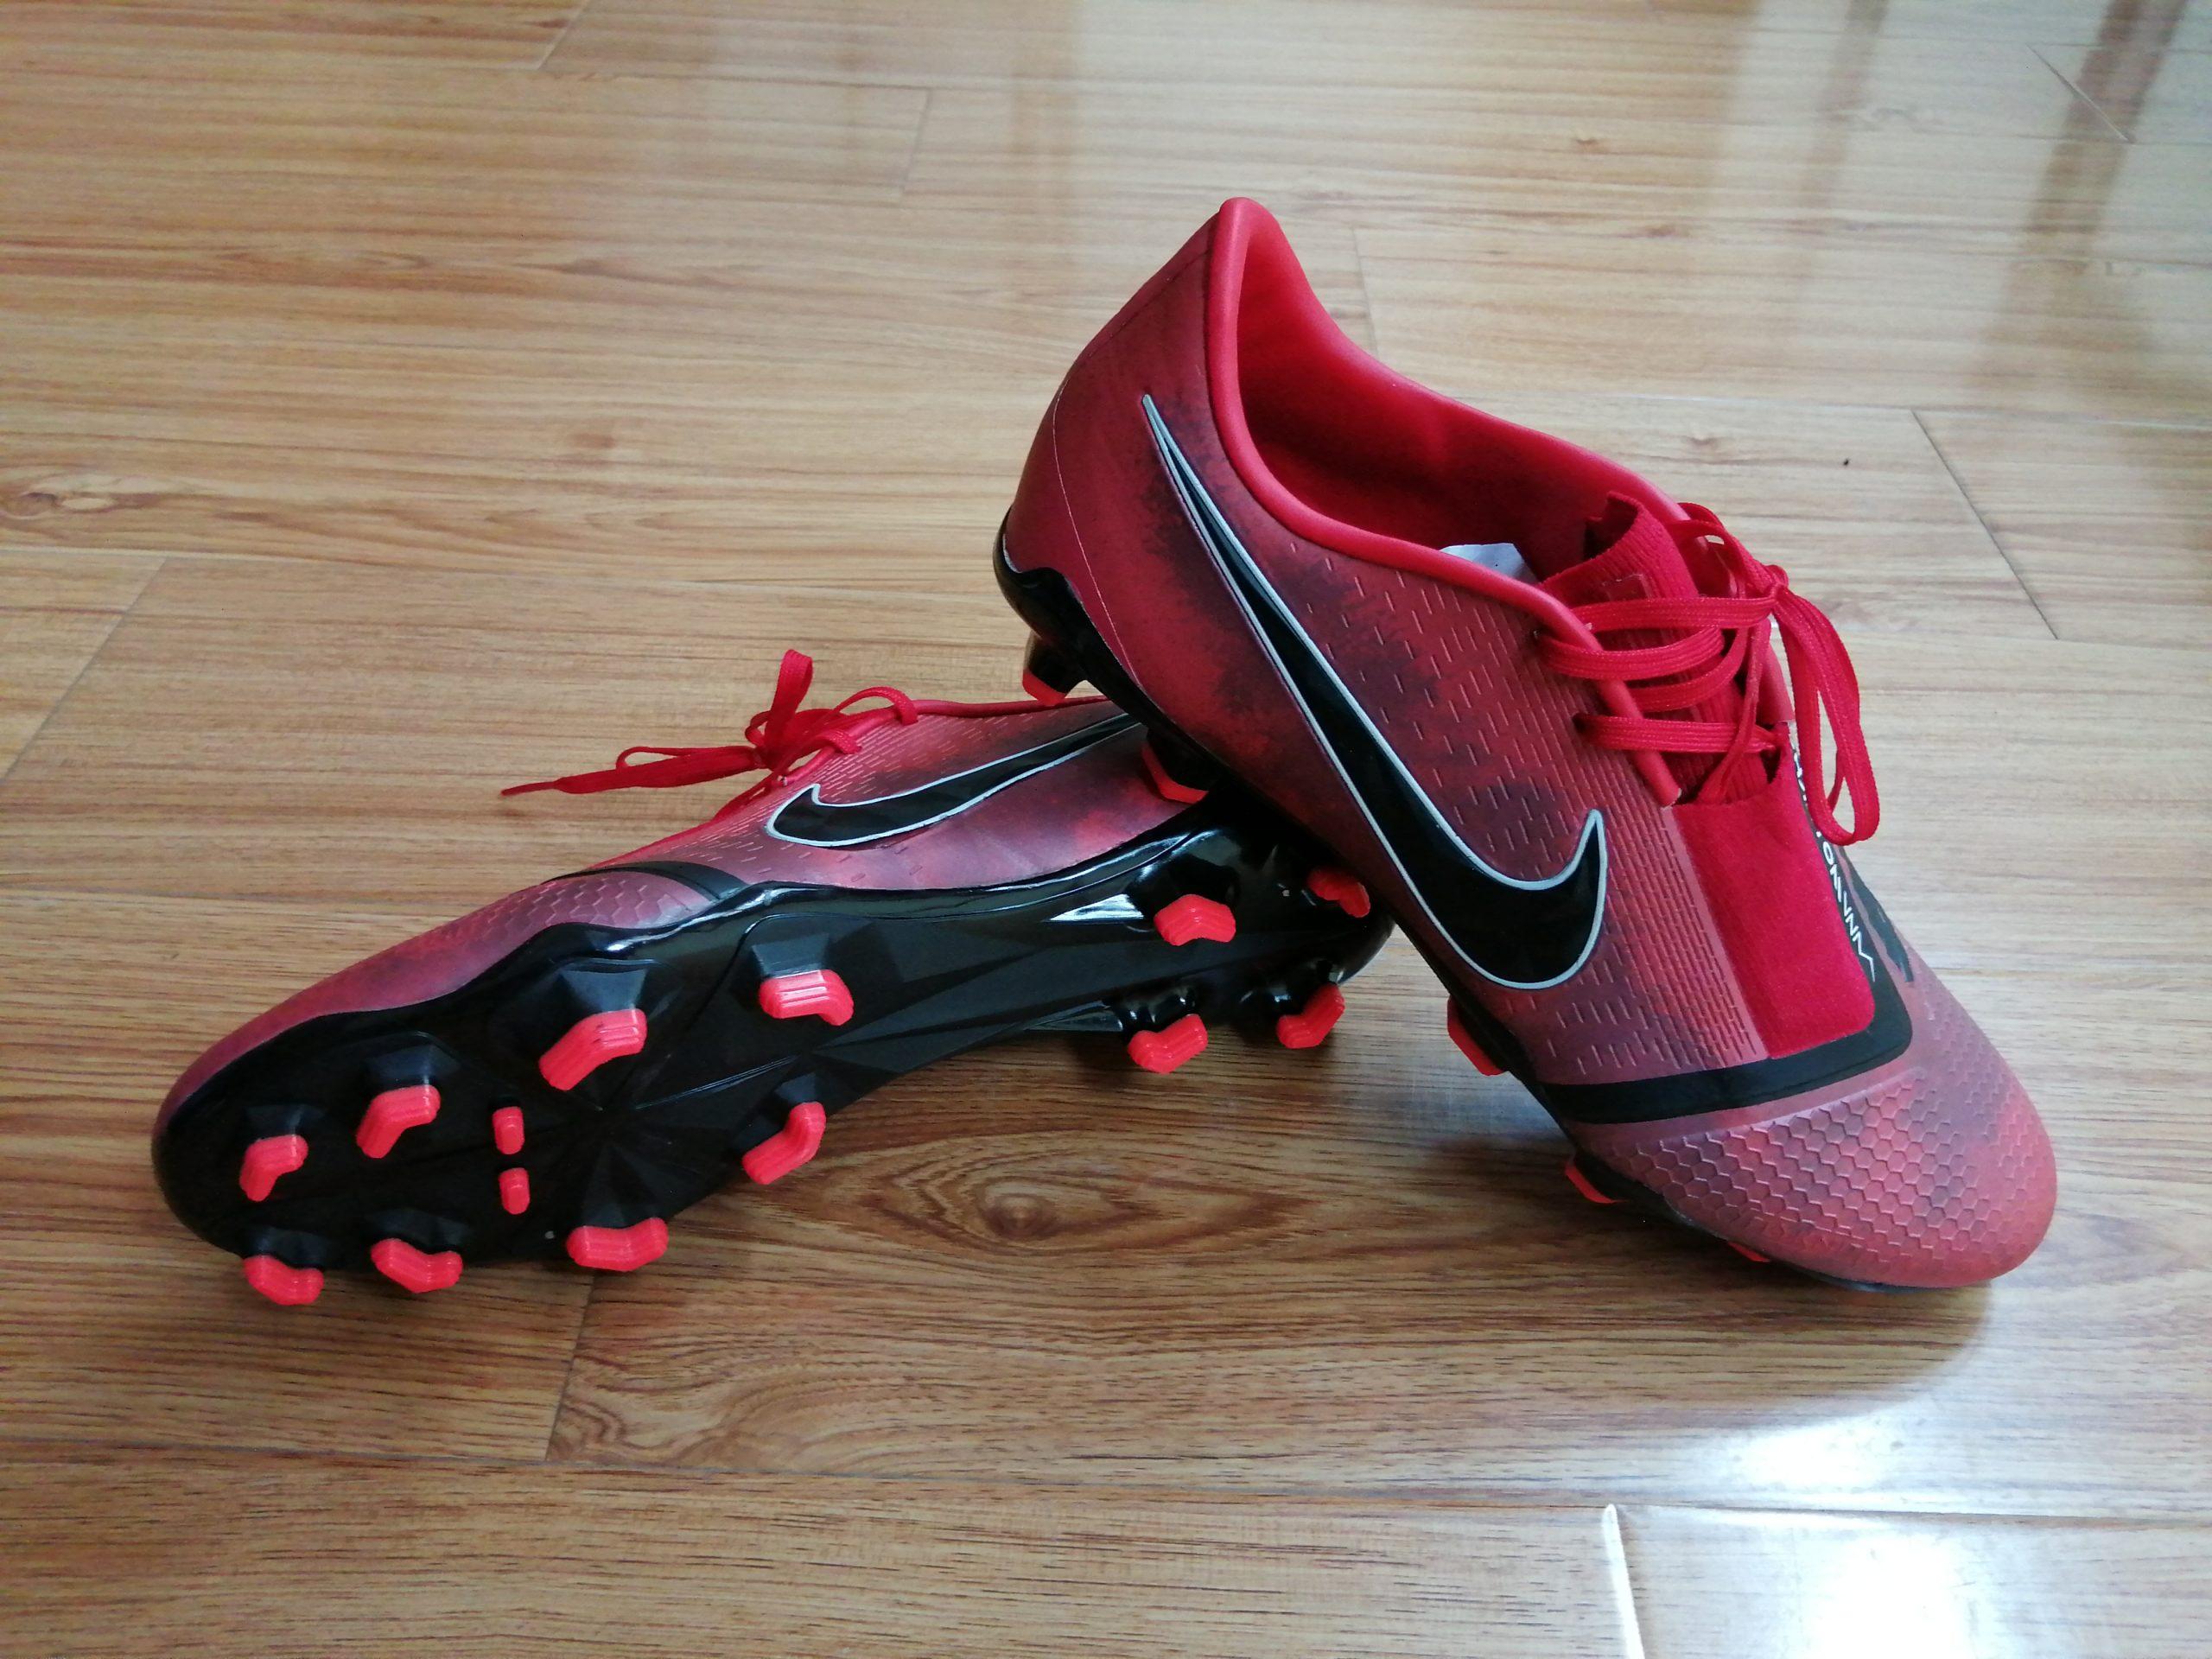 Nike Phantom VNM FG red black